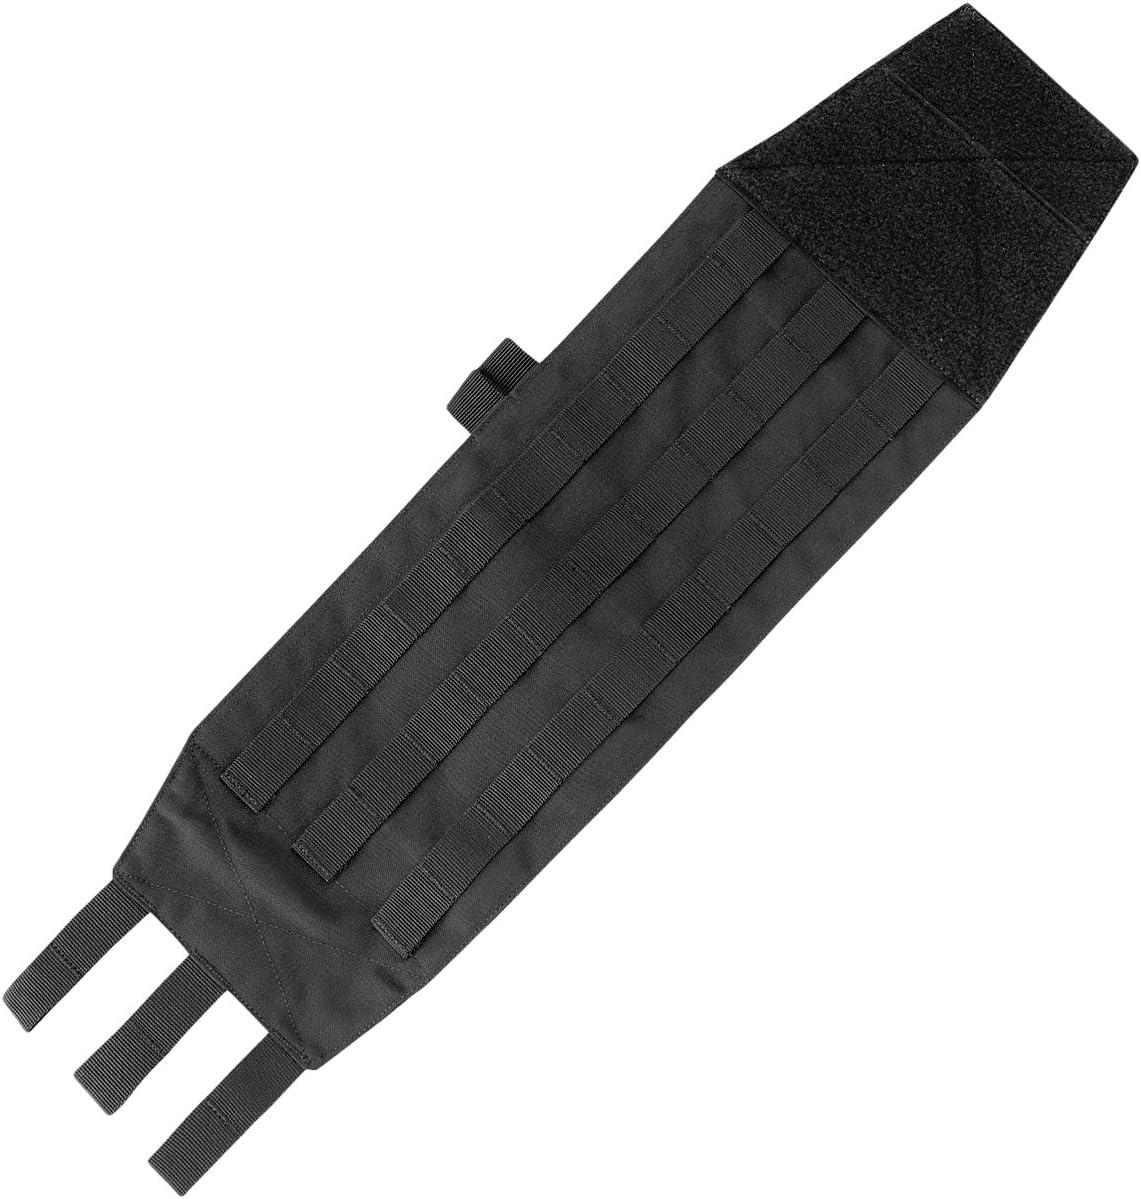 Condor Vas modulaire Cummer Taille